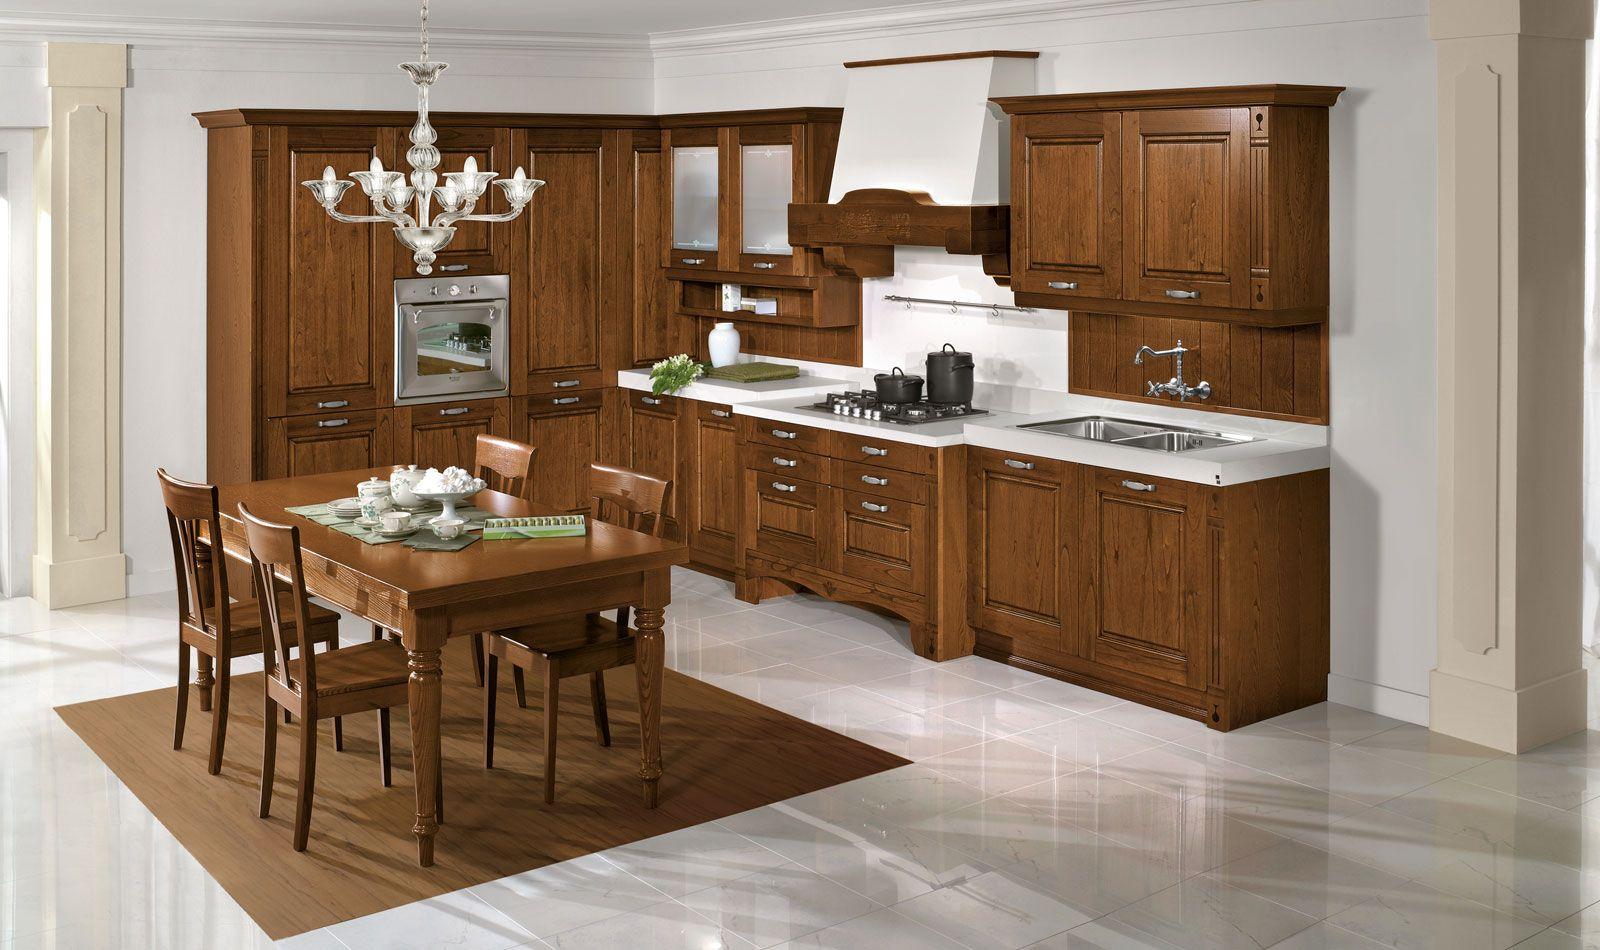 arredo3 cucine moderne cucine classiche cucina cucine